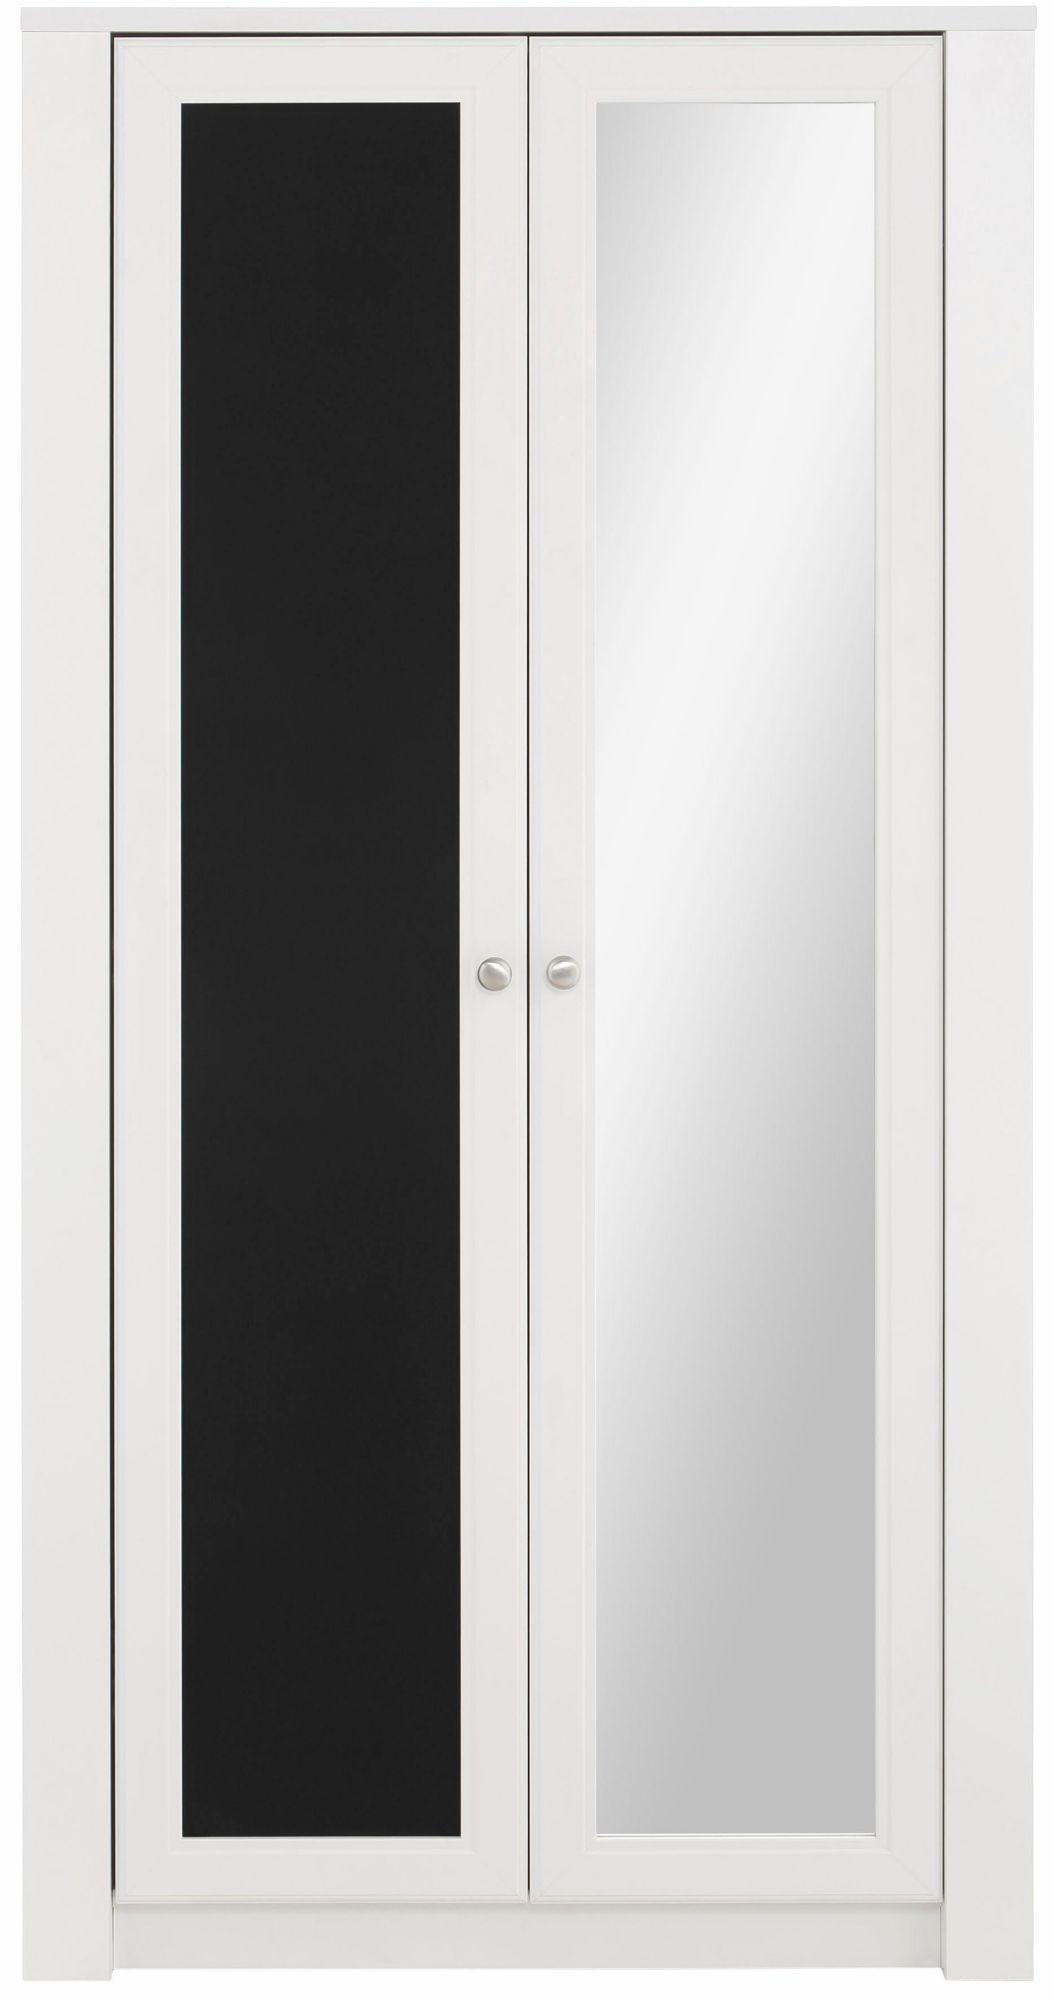 Charmant Home Affaire Garderobenschrank »Amberg«, Mit Tafel Und Seitlichen  Kleiderhaken, Wahlweise 1 Oder